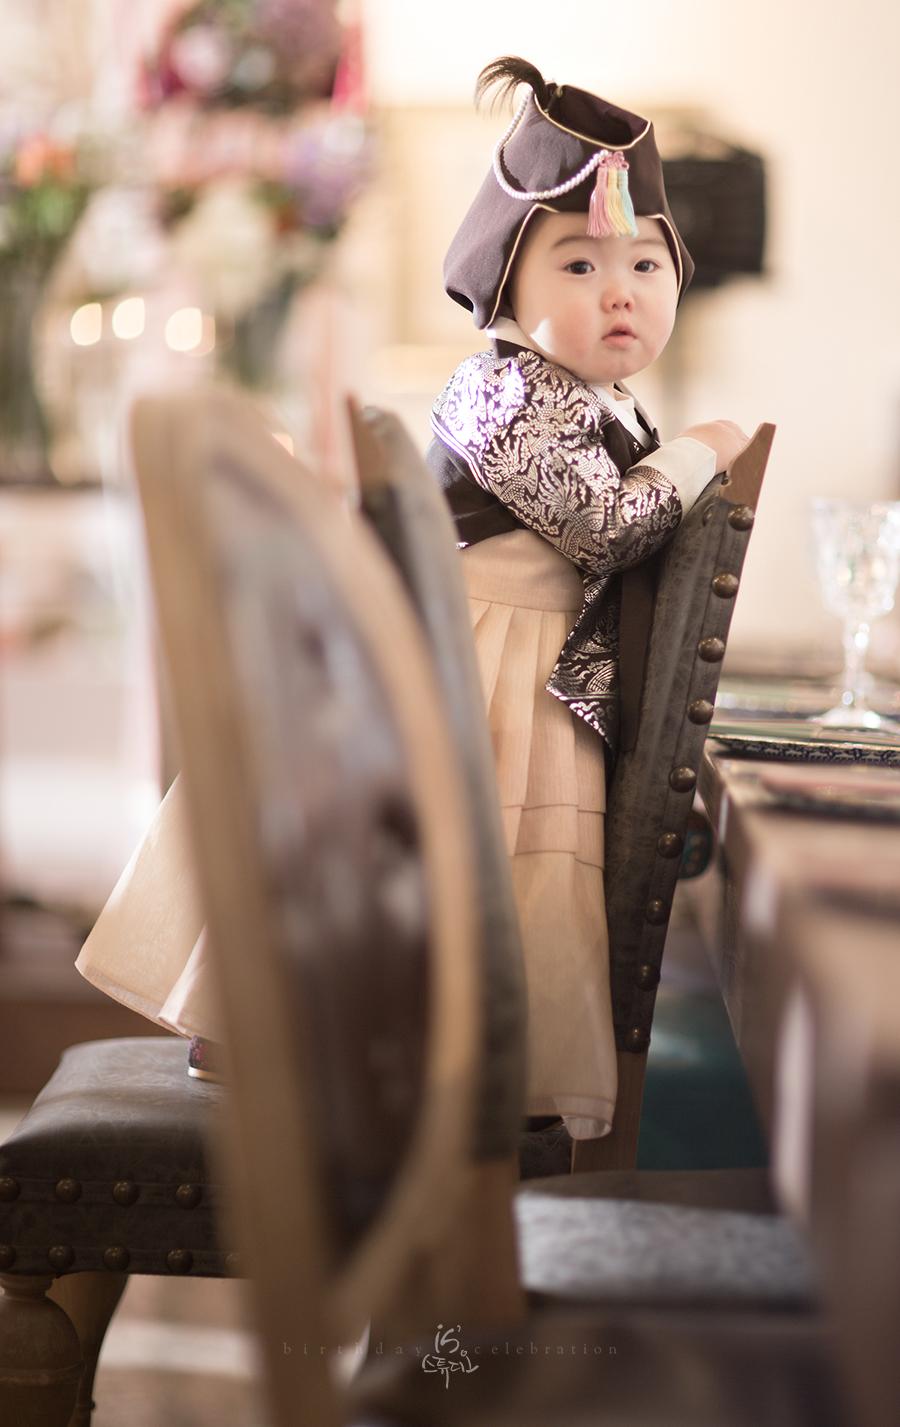 설레움55에서 진행한 우리아가의 첫생일